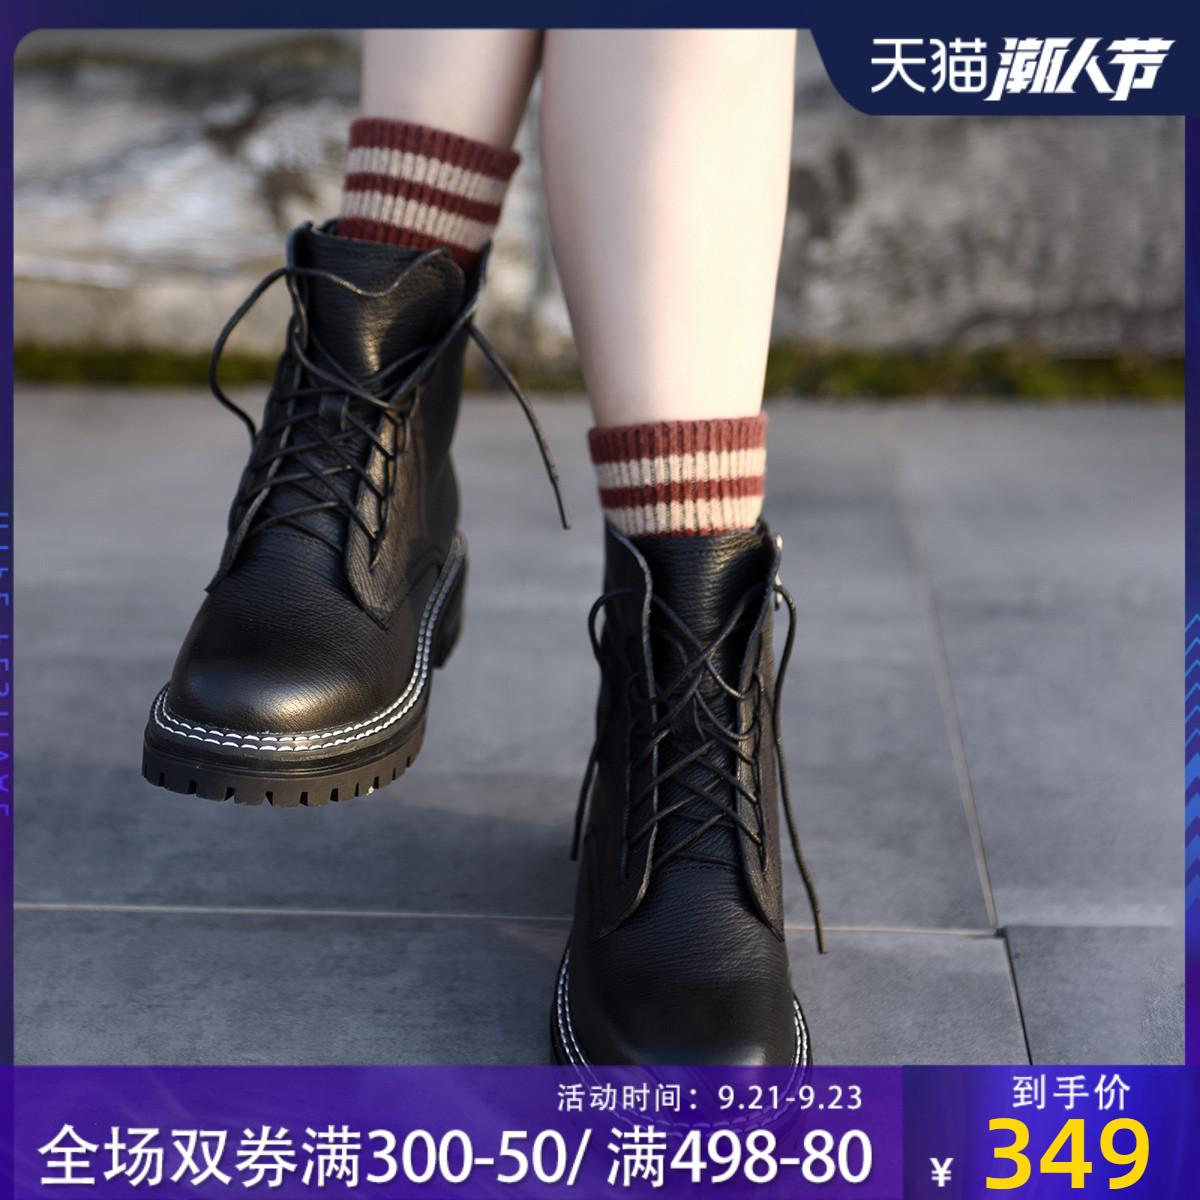 马丁短靴 Artmu阿木马丁靴女英伦风短靴网红女靴子新款机车靴厚底骑士靴_推荐淘宝好看的女马丁短靴